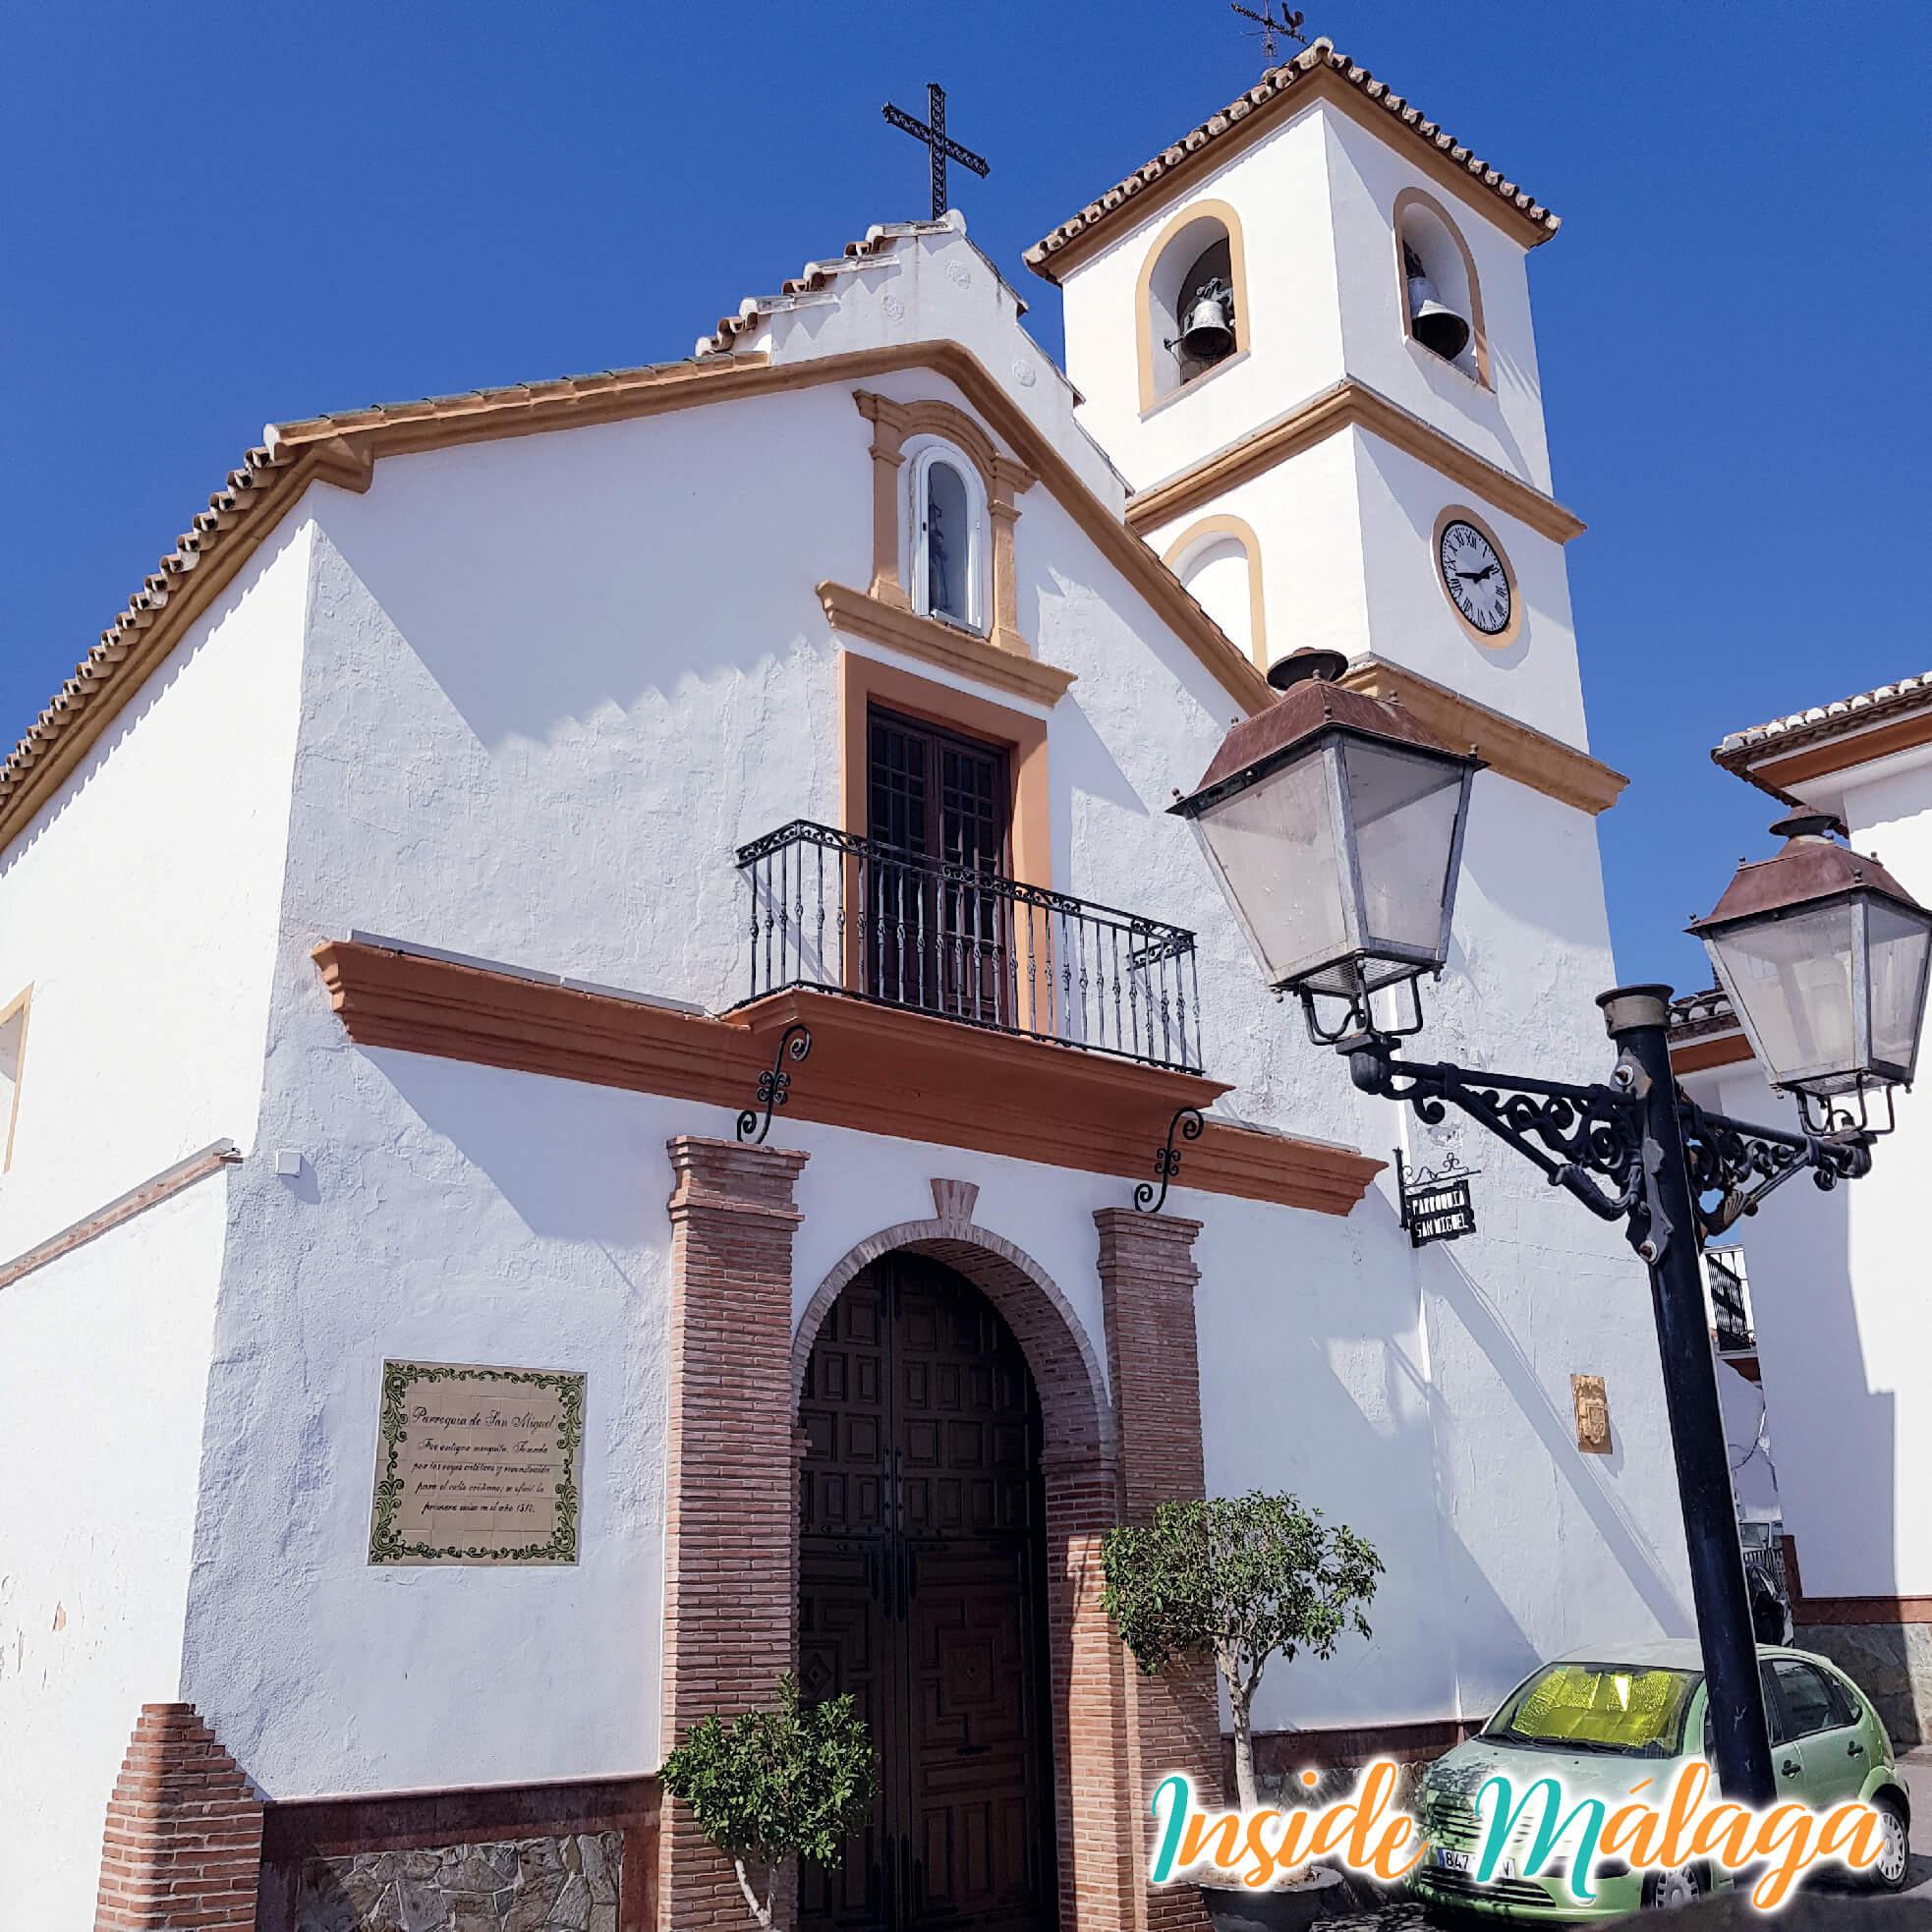 Iglesia de San Miguel de Arcángel Guaro Malaga